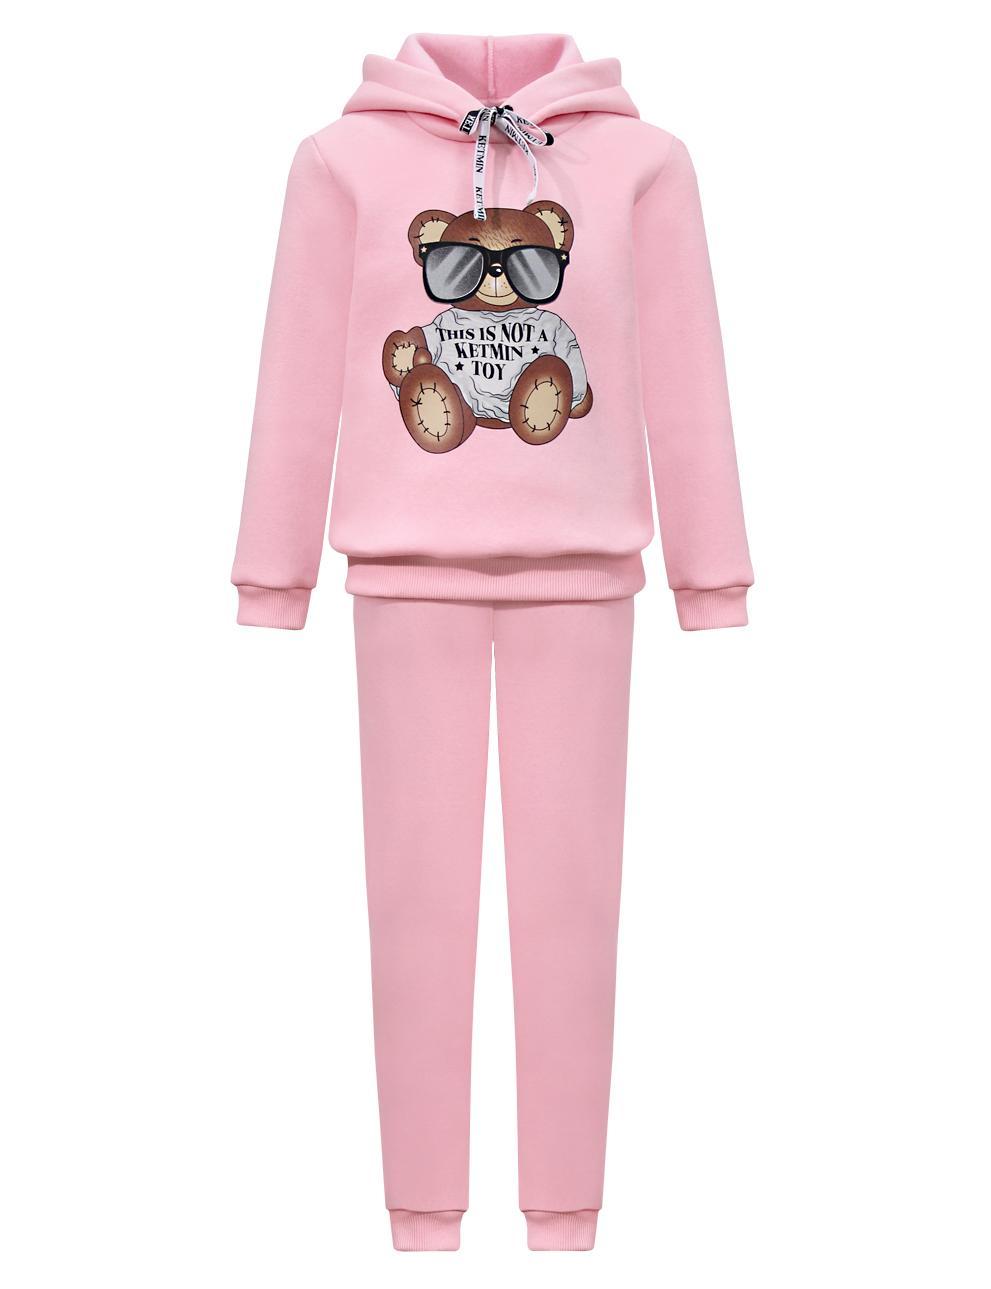 Детский костюм с начёсом This is not a toy KETMIN цв.Розовый